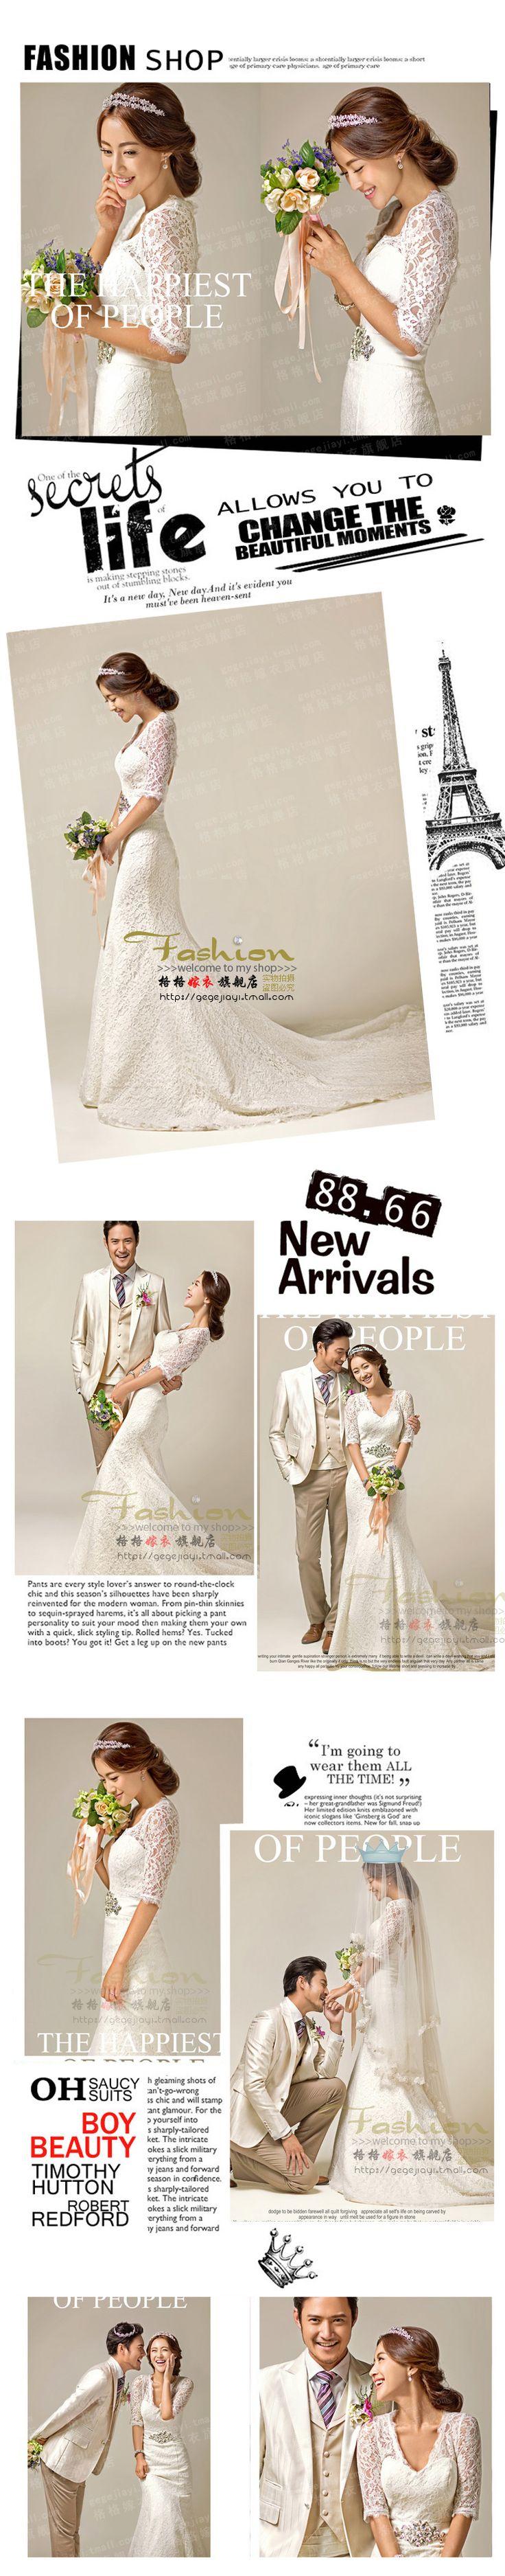 Amoy exclusiva romántica profunda V-cuello real de la princesa novia era cola de pez vestido de novia de encaje final delgada $67.22 dolares